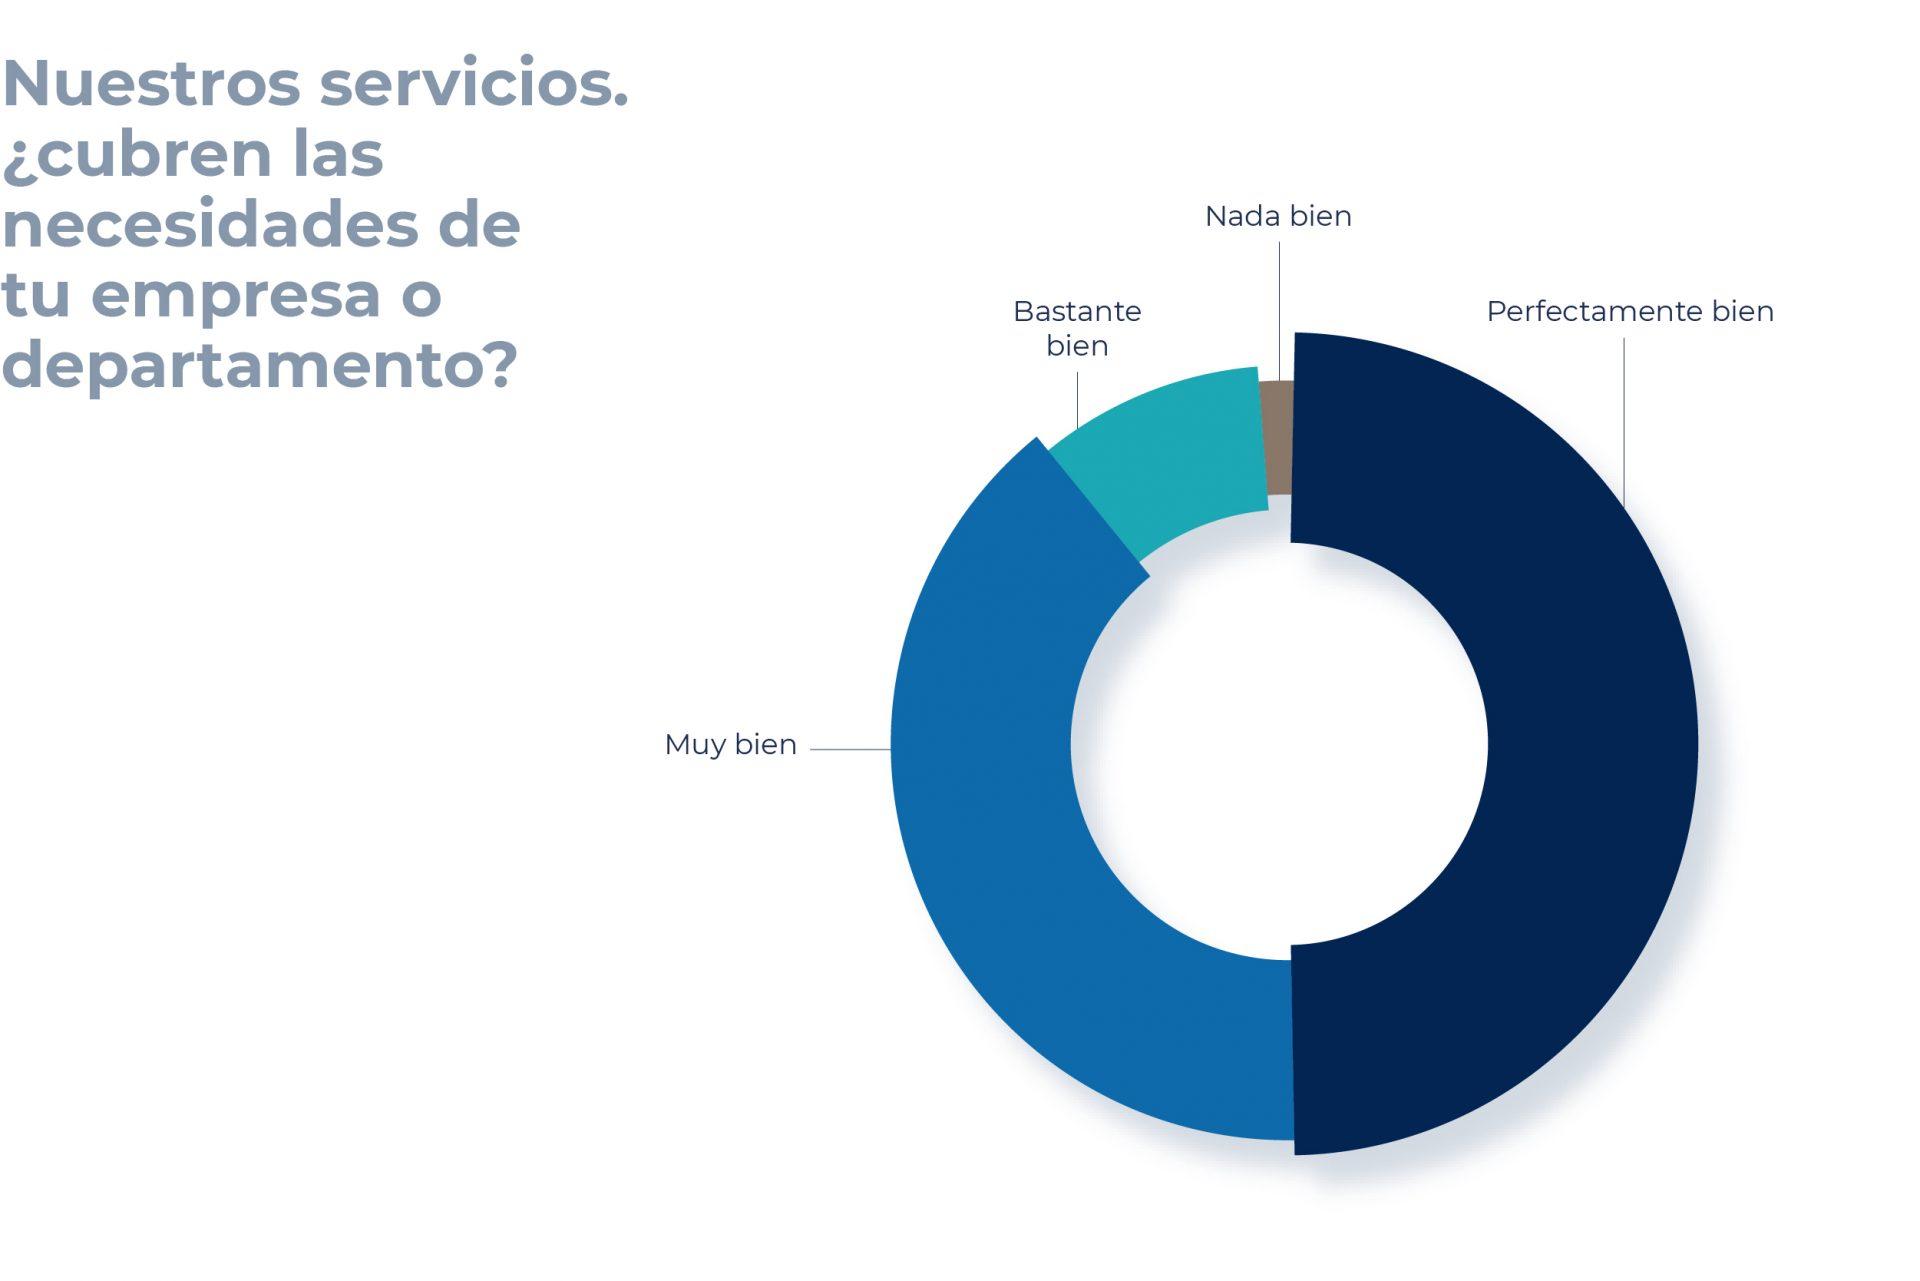 El 89% de nuestros clientes afirma que nuestros servicios cubren sus necesidades muy bien o perfectamente bien.